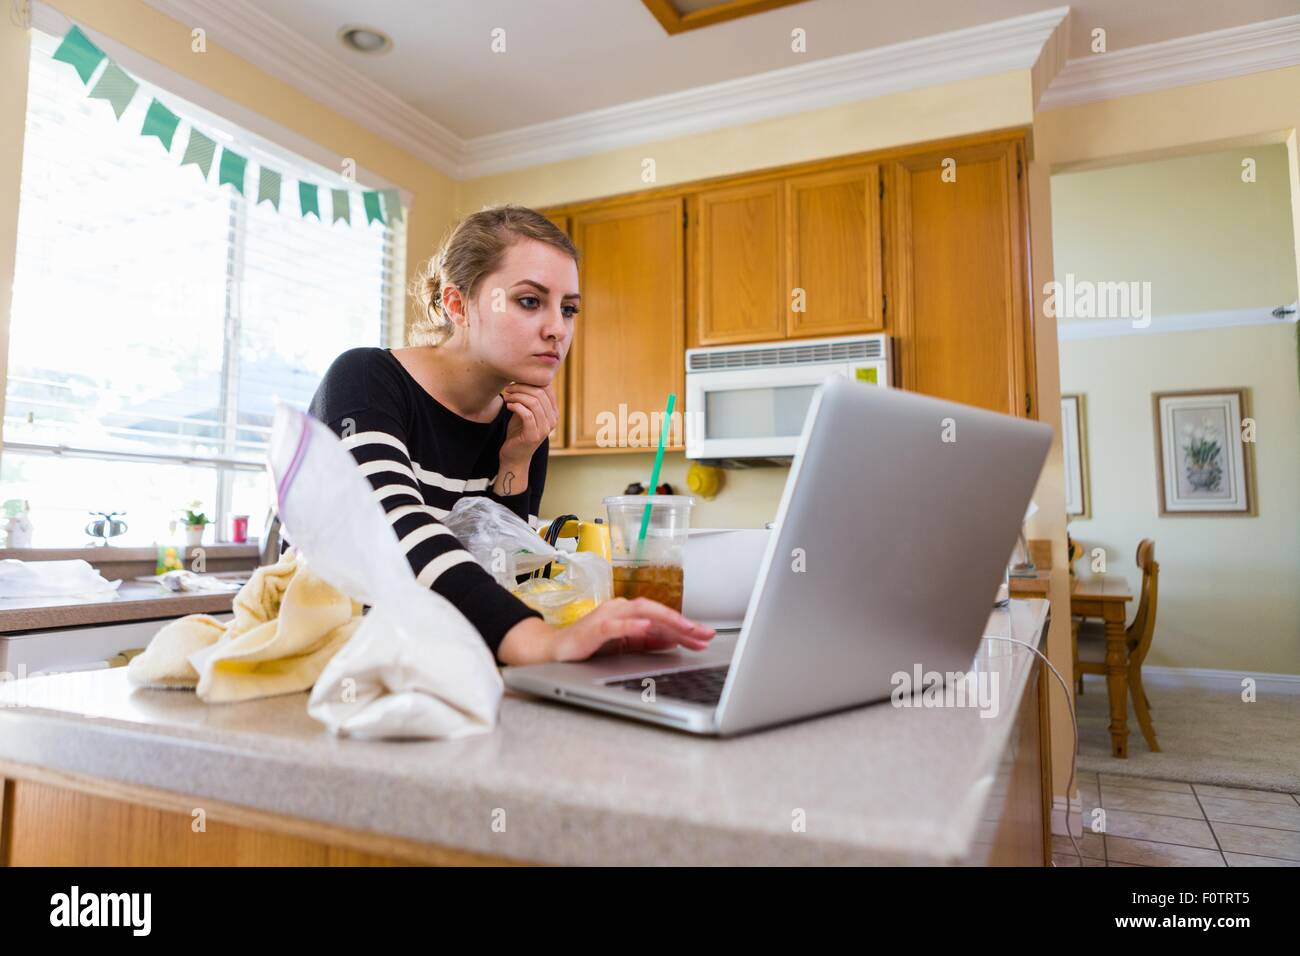 Mujer usando el portátil en la cocina Foto de stock